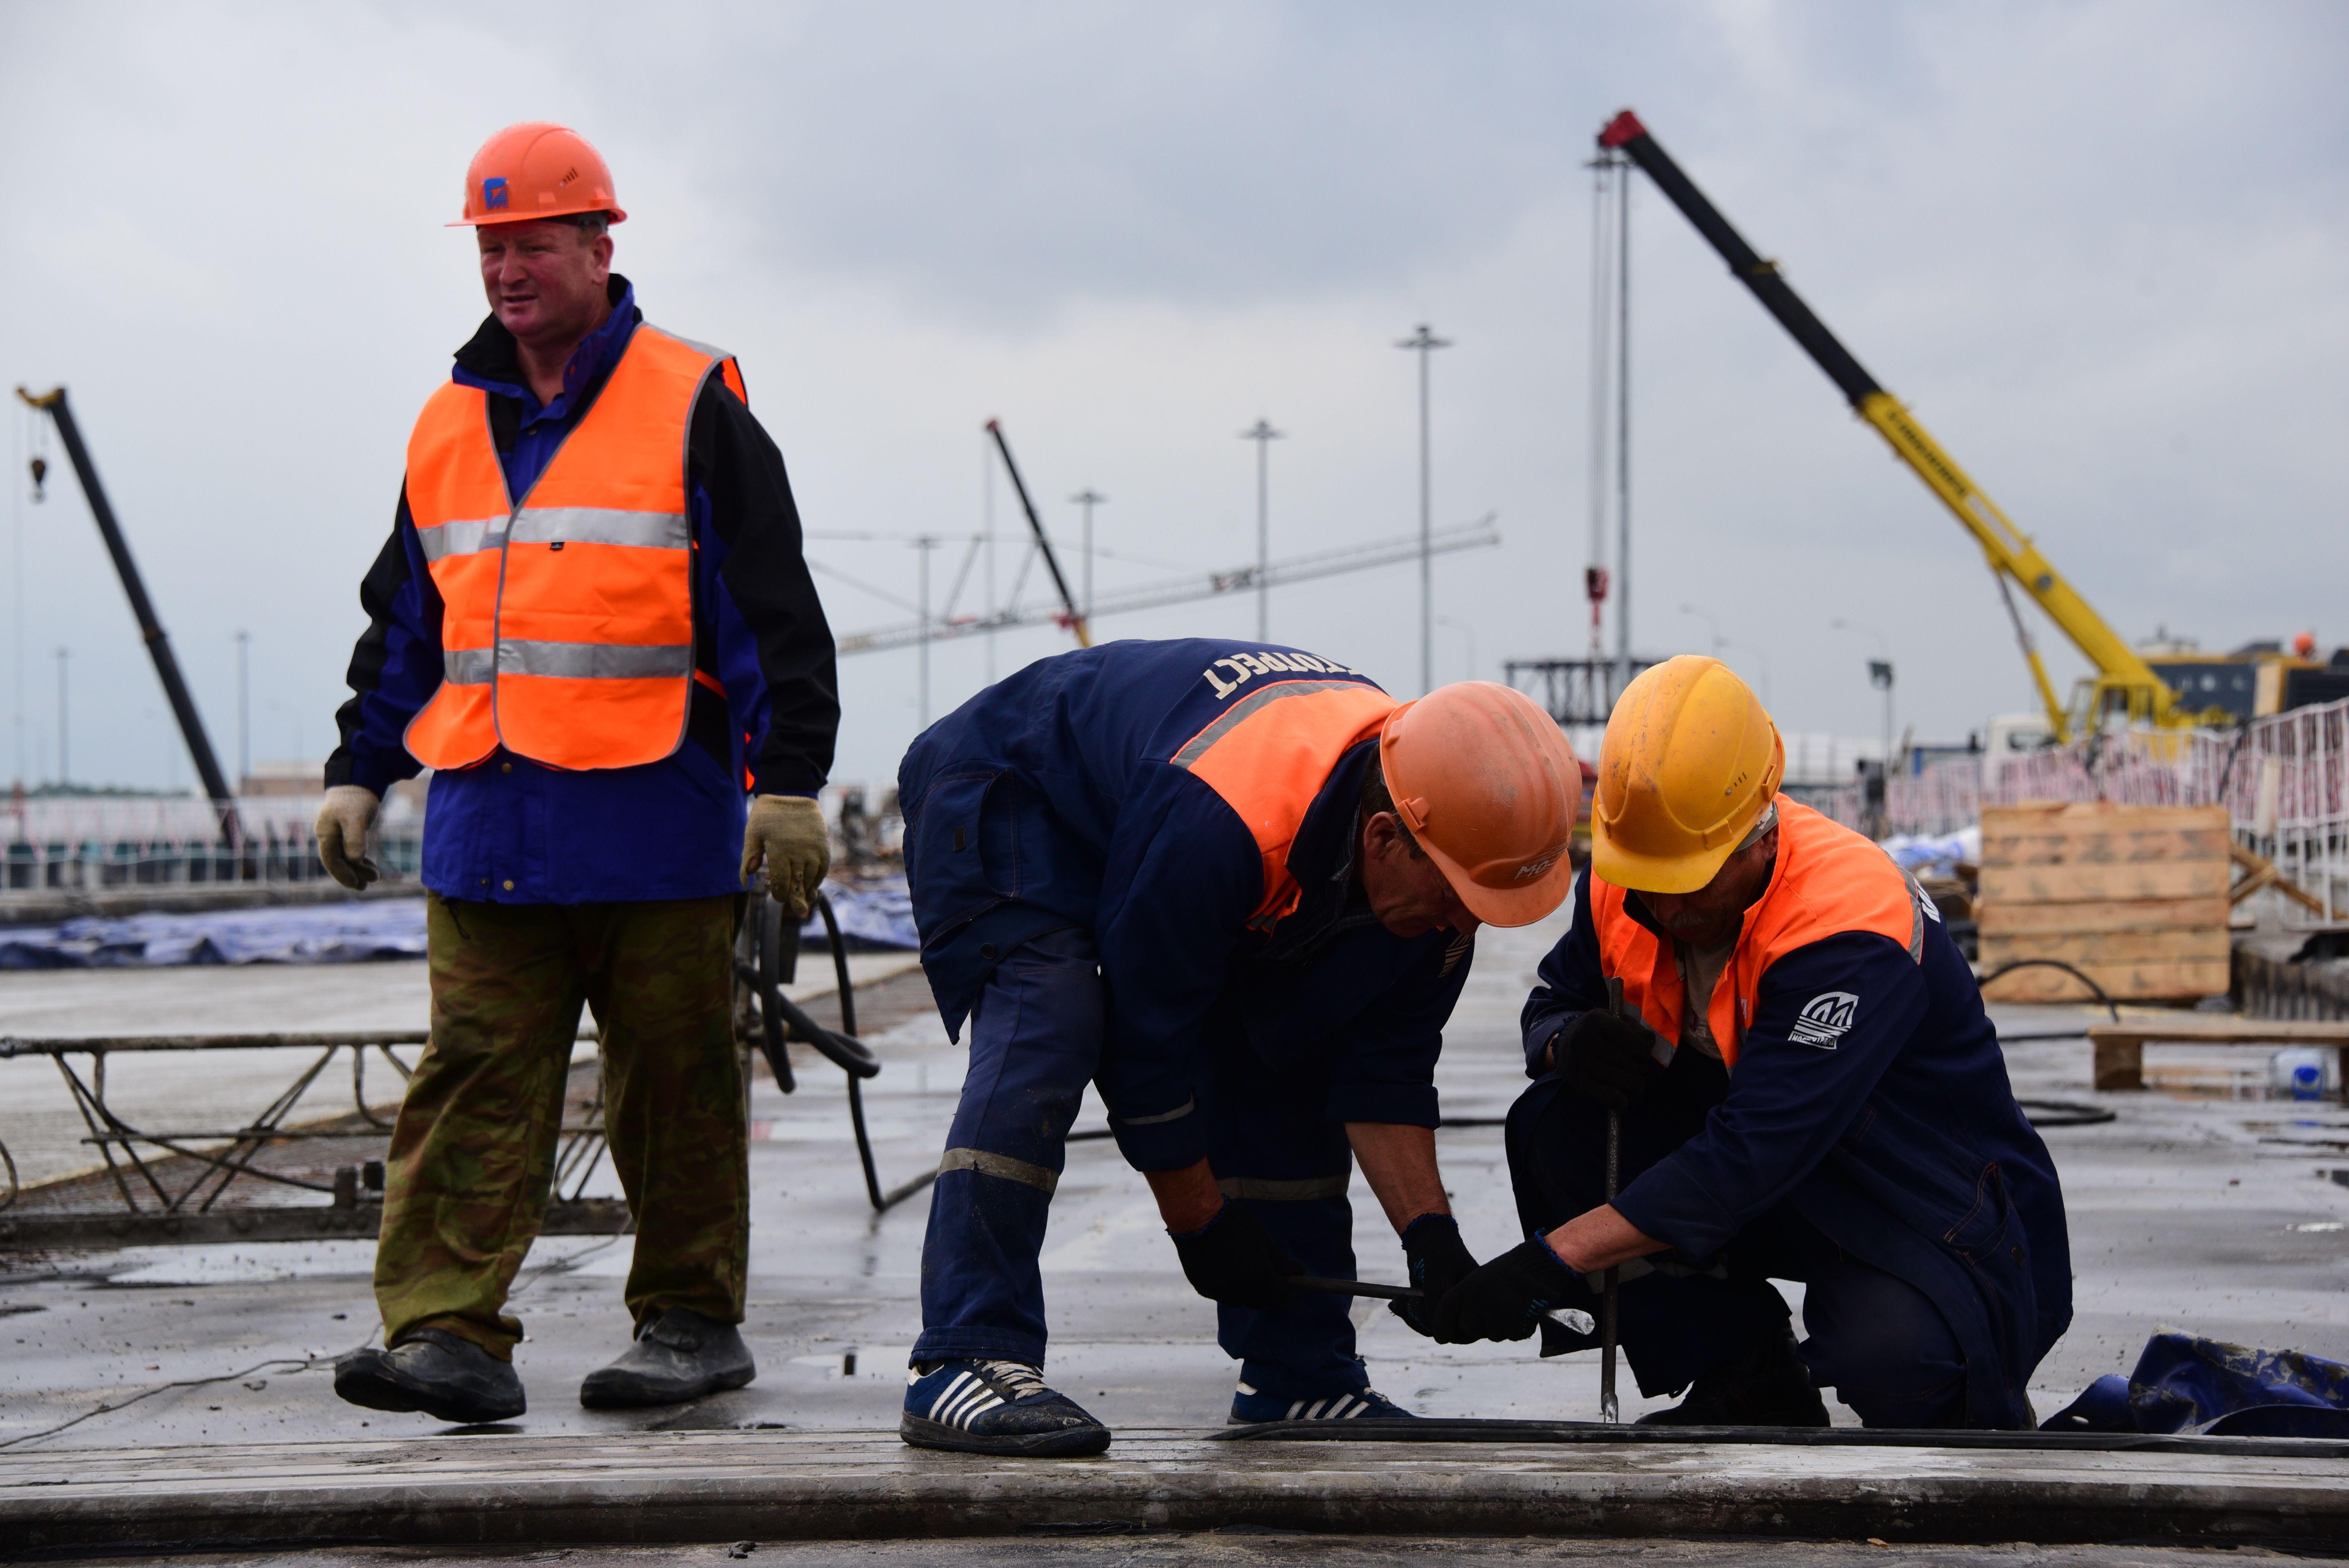 Путепровод для транспортного узла «Саларьево» построят на юго-западе Москвы